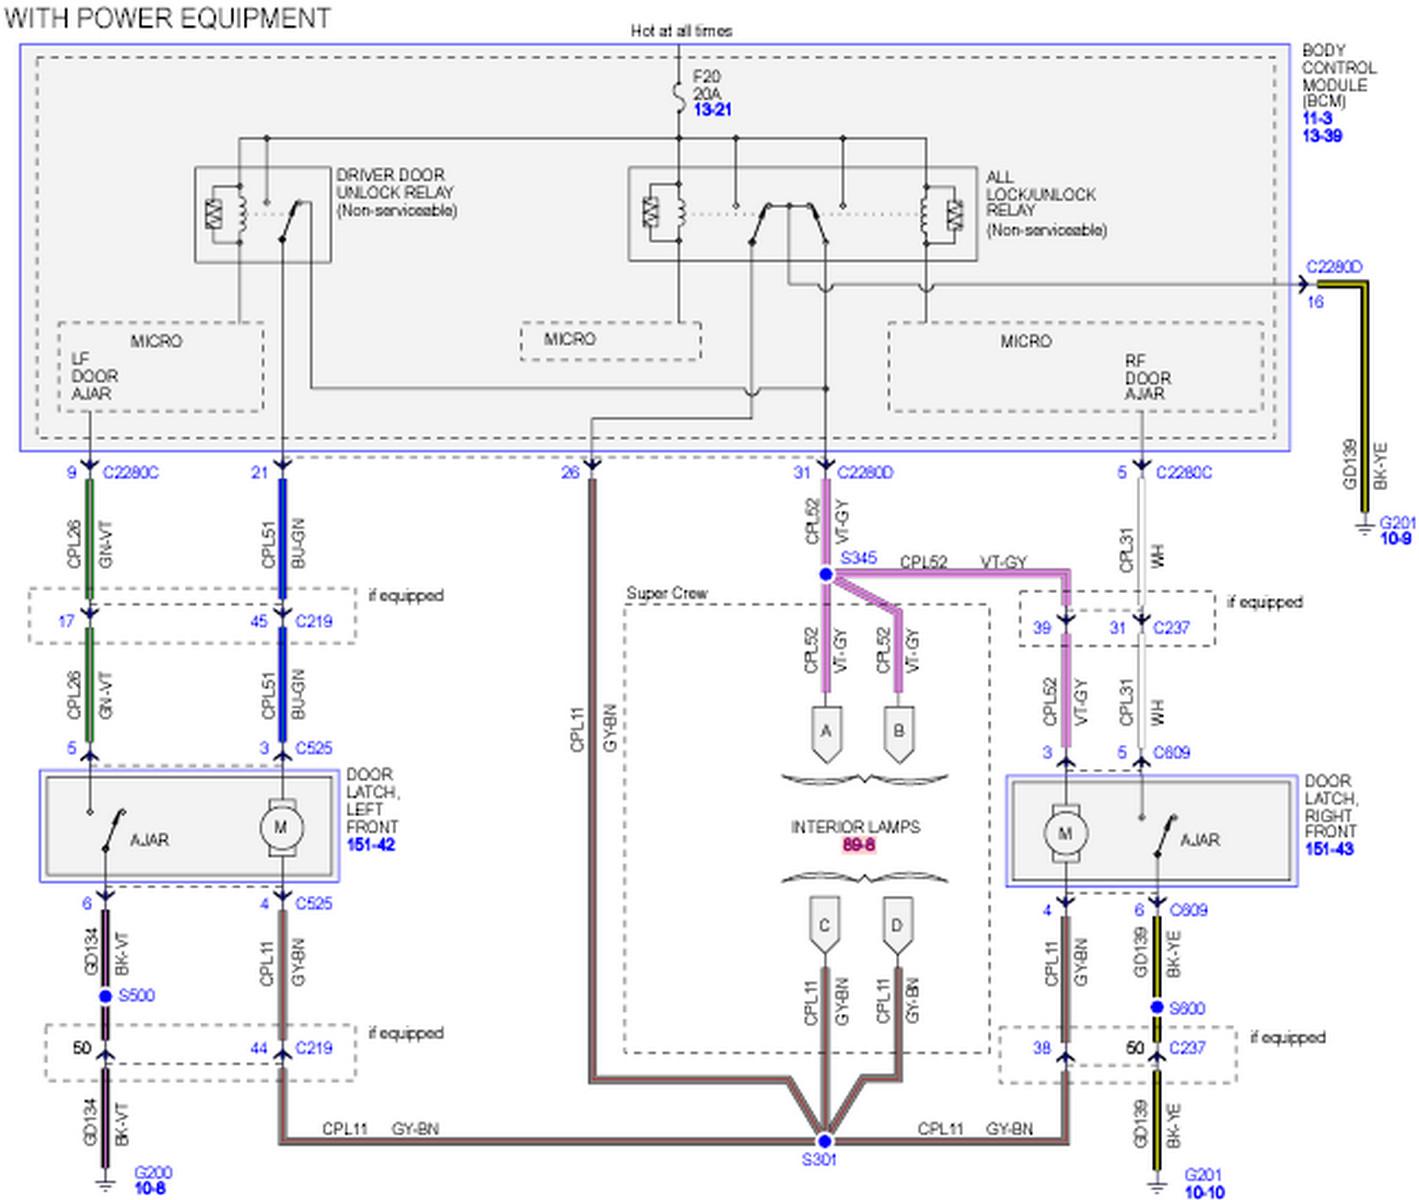 Fantastic 05 F150 Wiring Diagram Wiring Diagram Data Schema Wiring Cloud Counpengheilarigresichrocarnosporgarnagrebsunhorelemohammedshrineorg